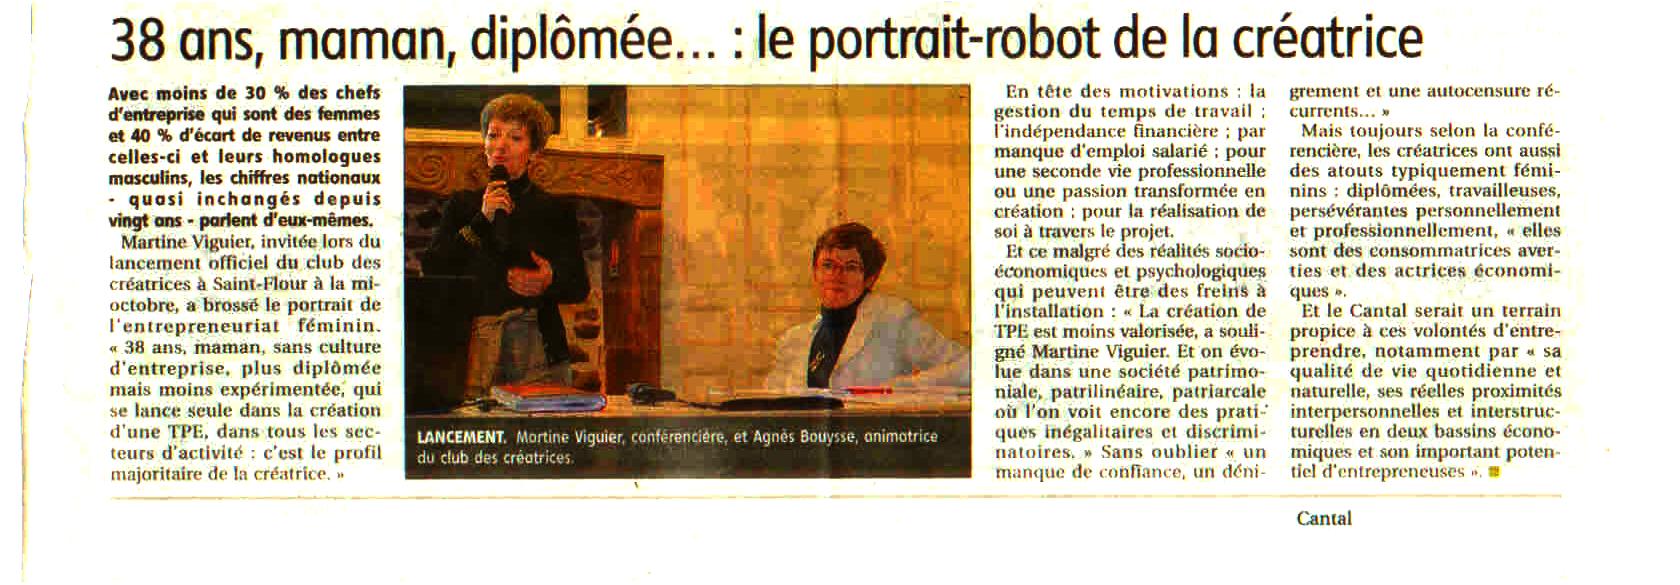 journal La Montagne, octobre 2013